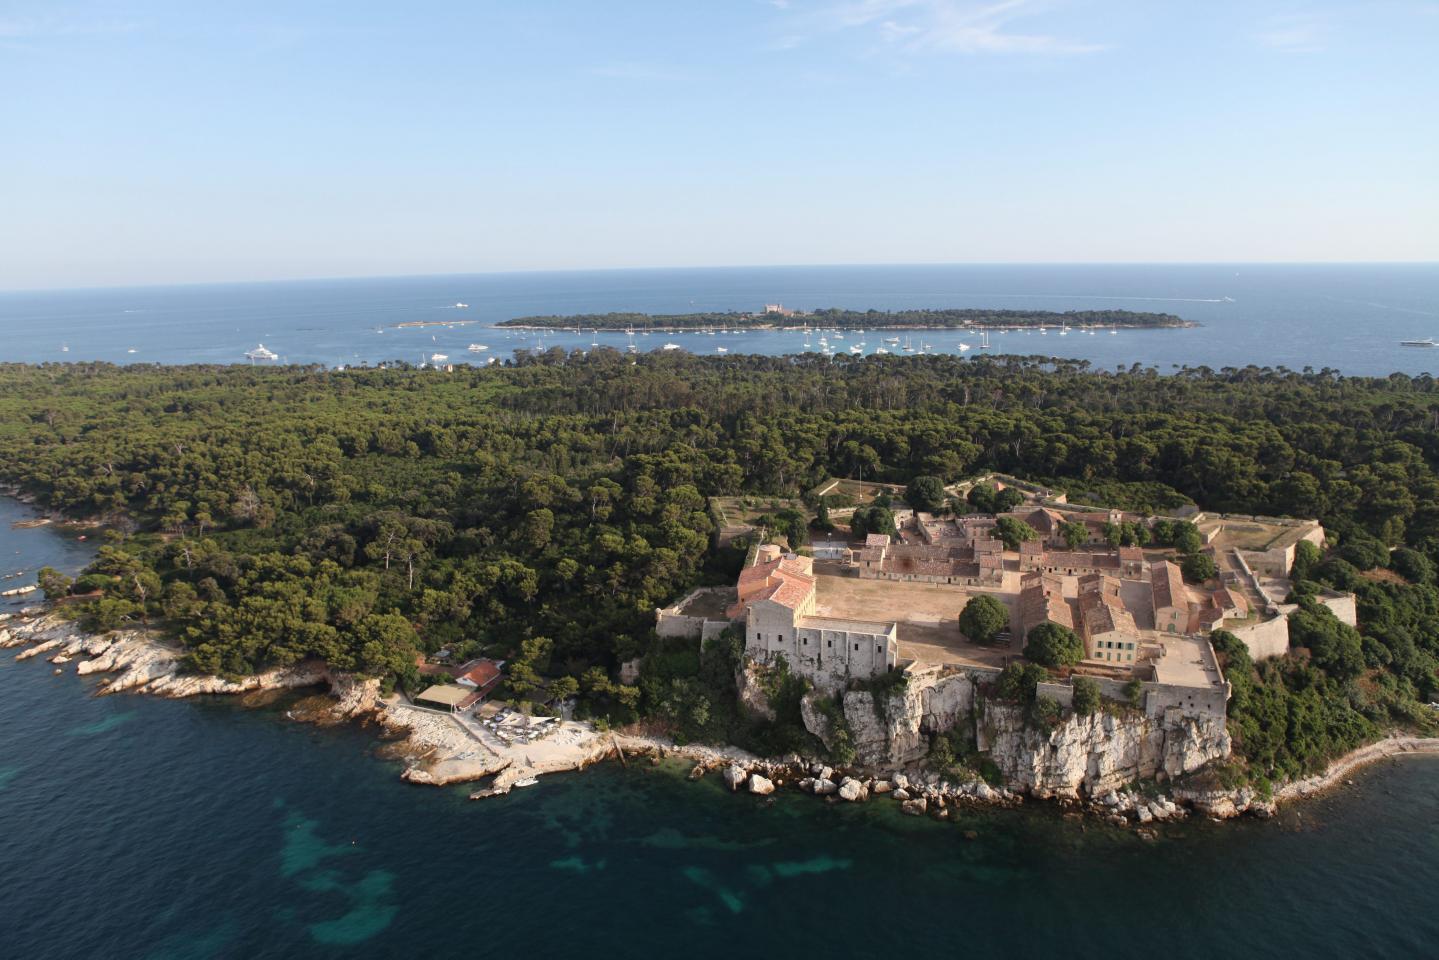 Les joyaux au large de Cannes accueillent à nouveau les visiteurs depuis le 22 mai. Un petit quart d'heure de bateau, pour un dépaysement garanti.